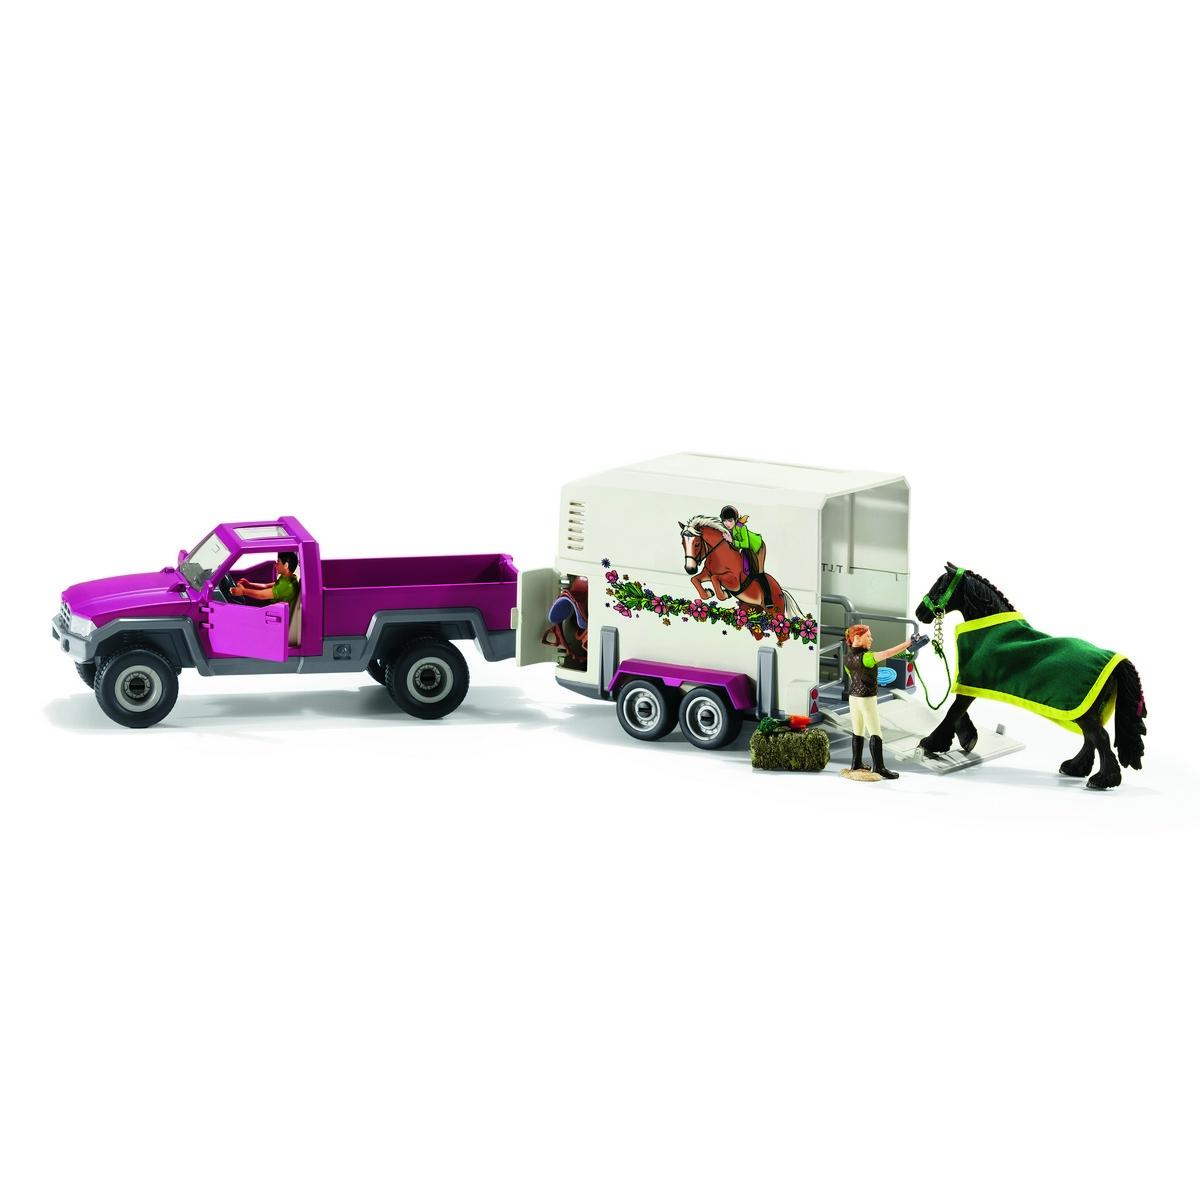 Schleich Pick-up s přívěsem a koněm, 51,5 cm